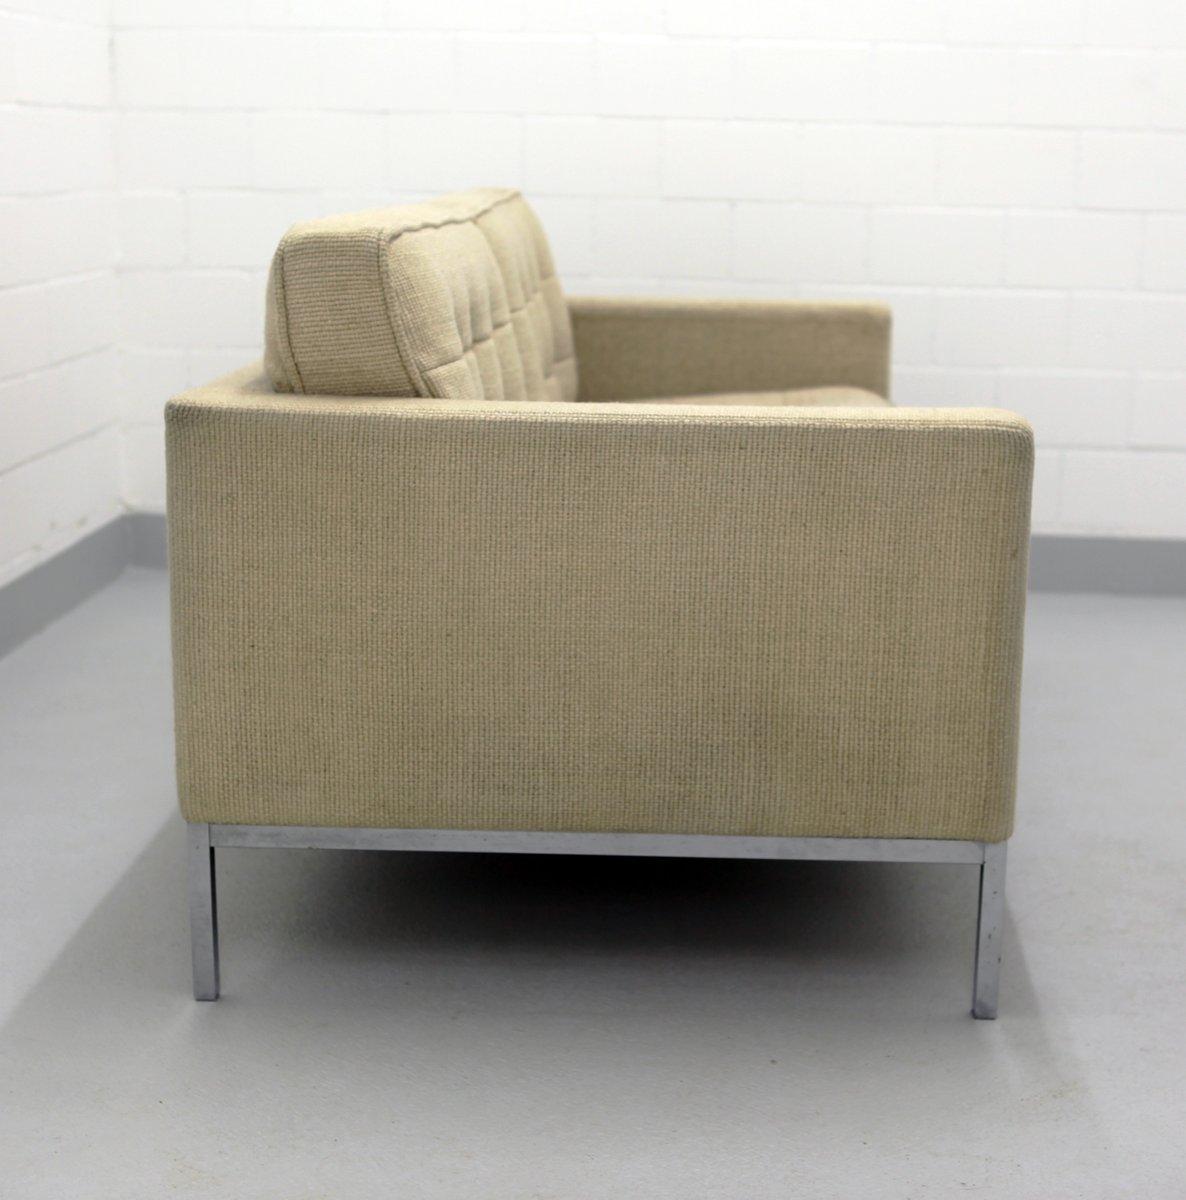 zwei sitzer sofa mit chromgestell wollbezug von florence knoll f r knoll 1970er bei pamono kaufen. Black Bedroom Furniture Sets. Home Design Ideas